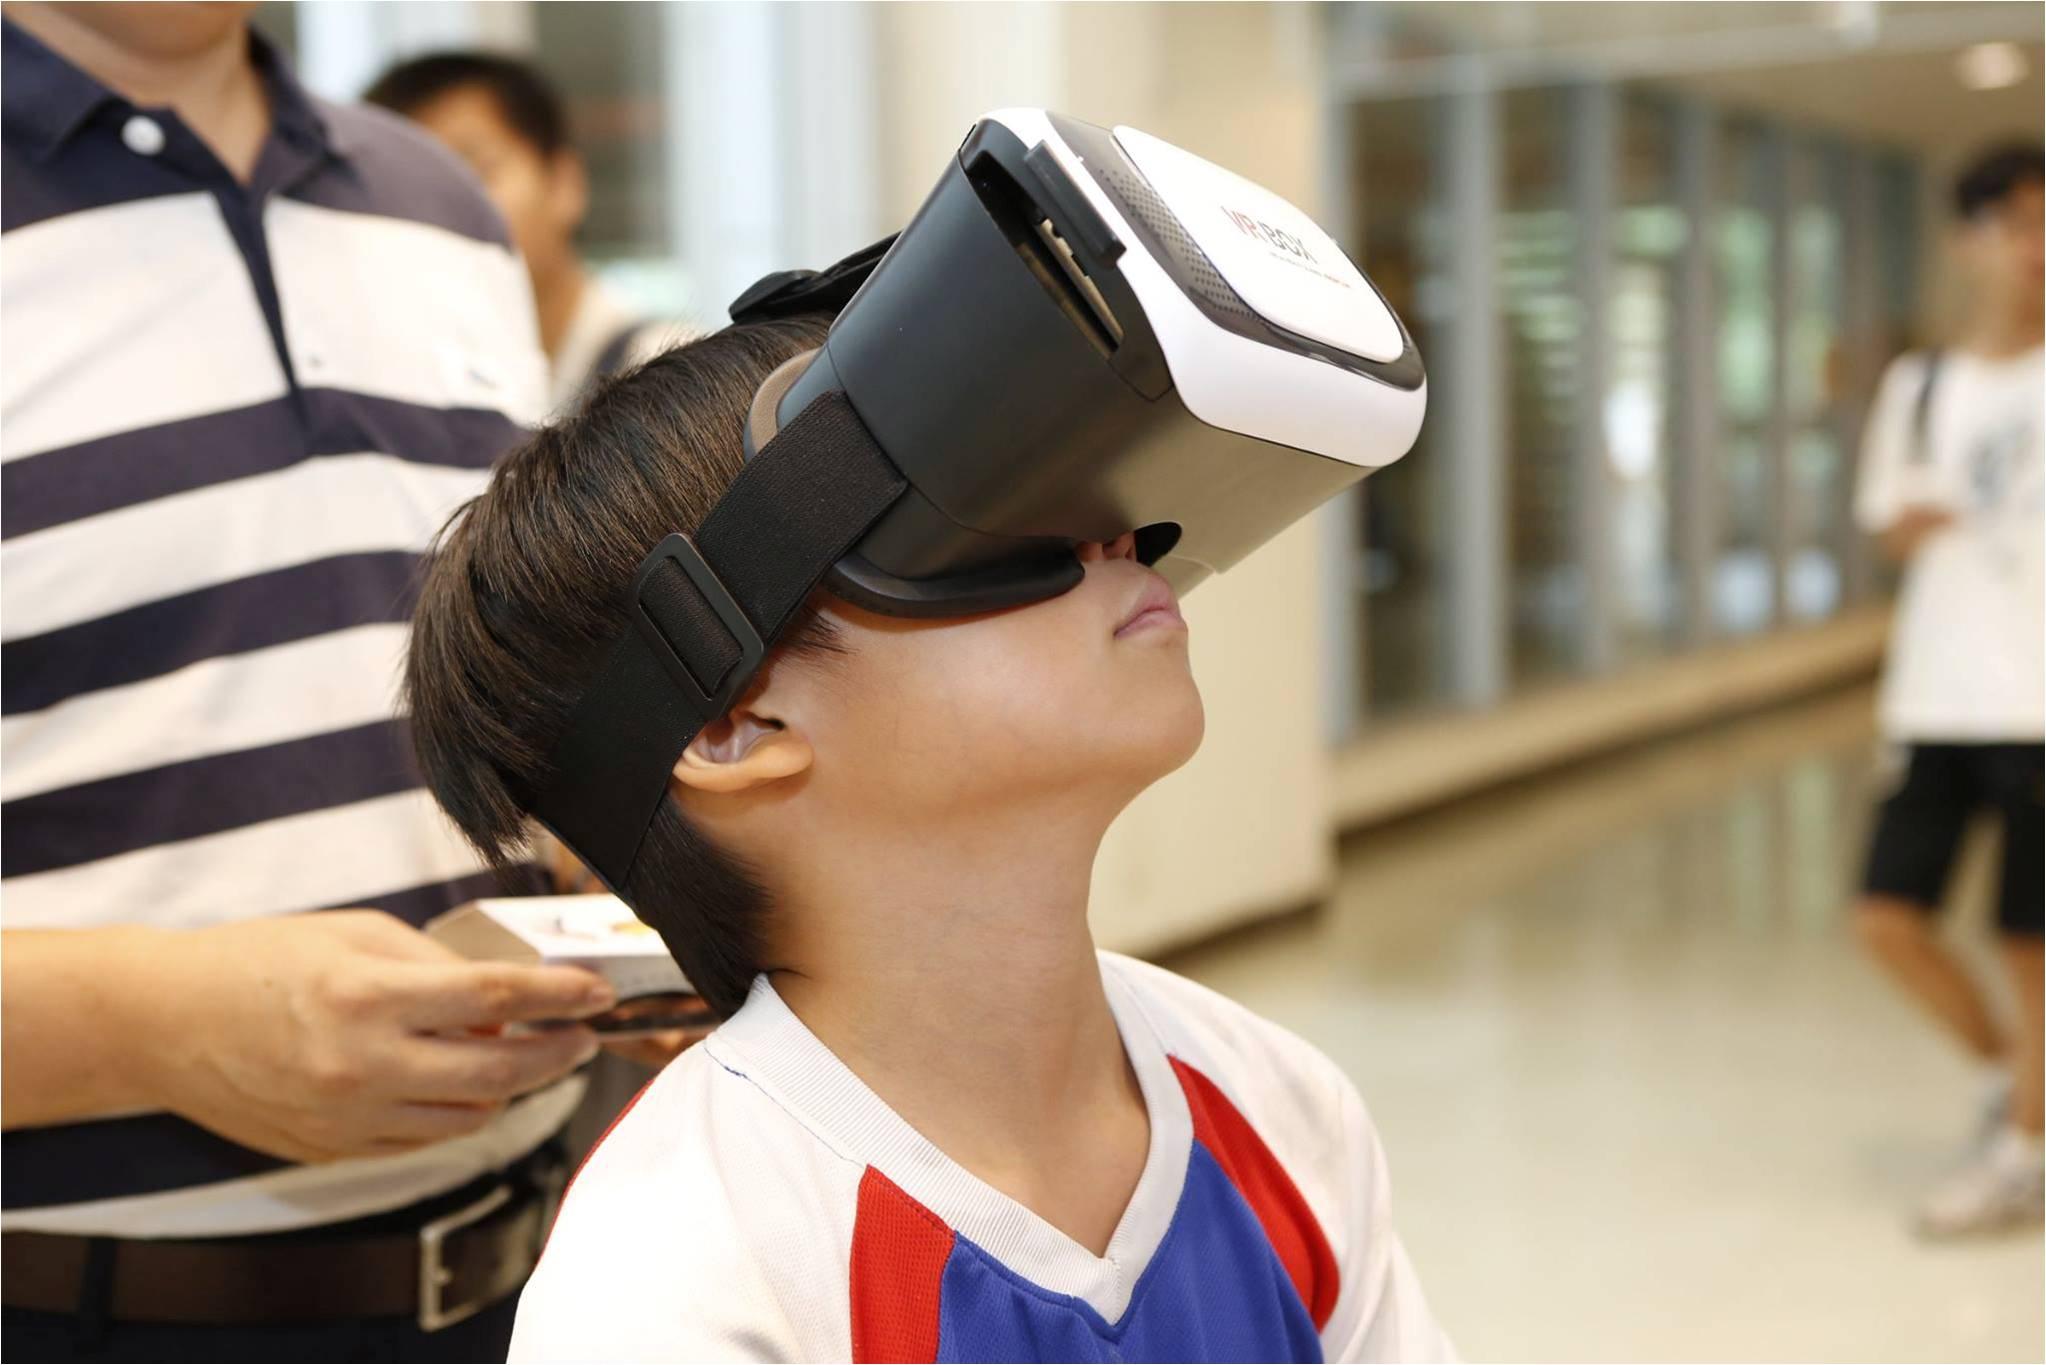 戴上 VR 眼鏡,神祕的黑洞世界盡現眼前。